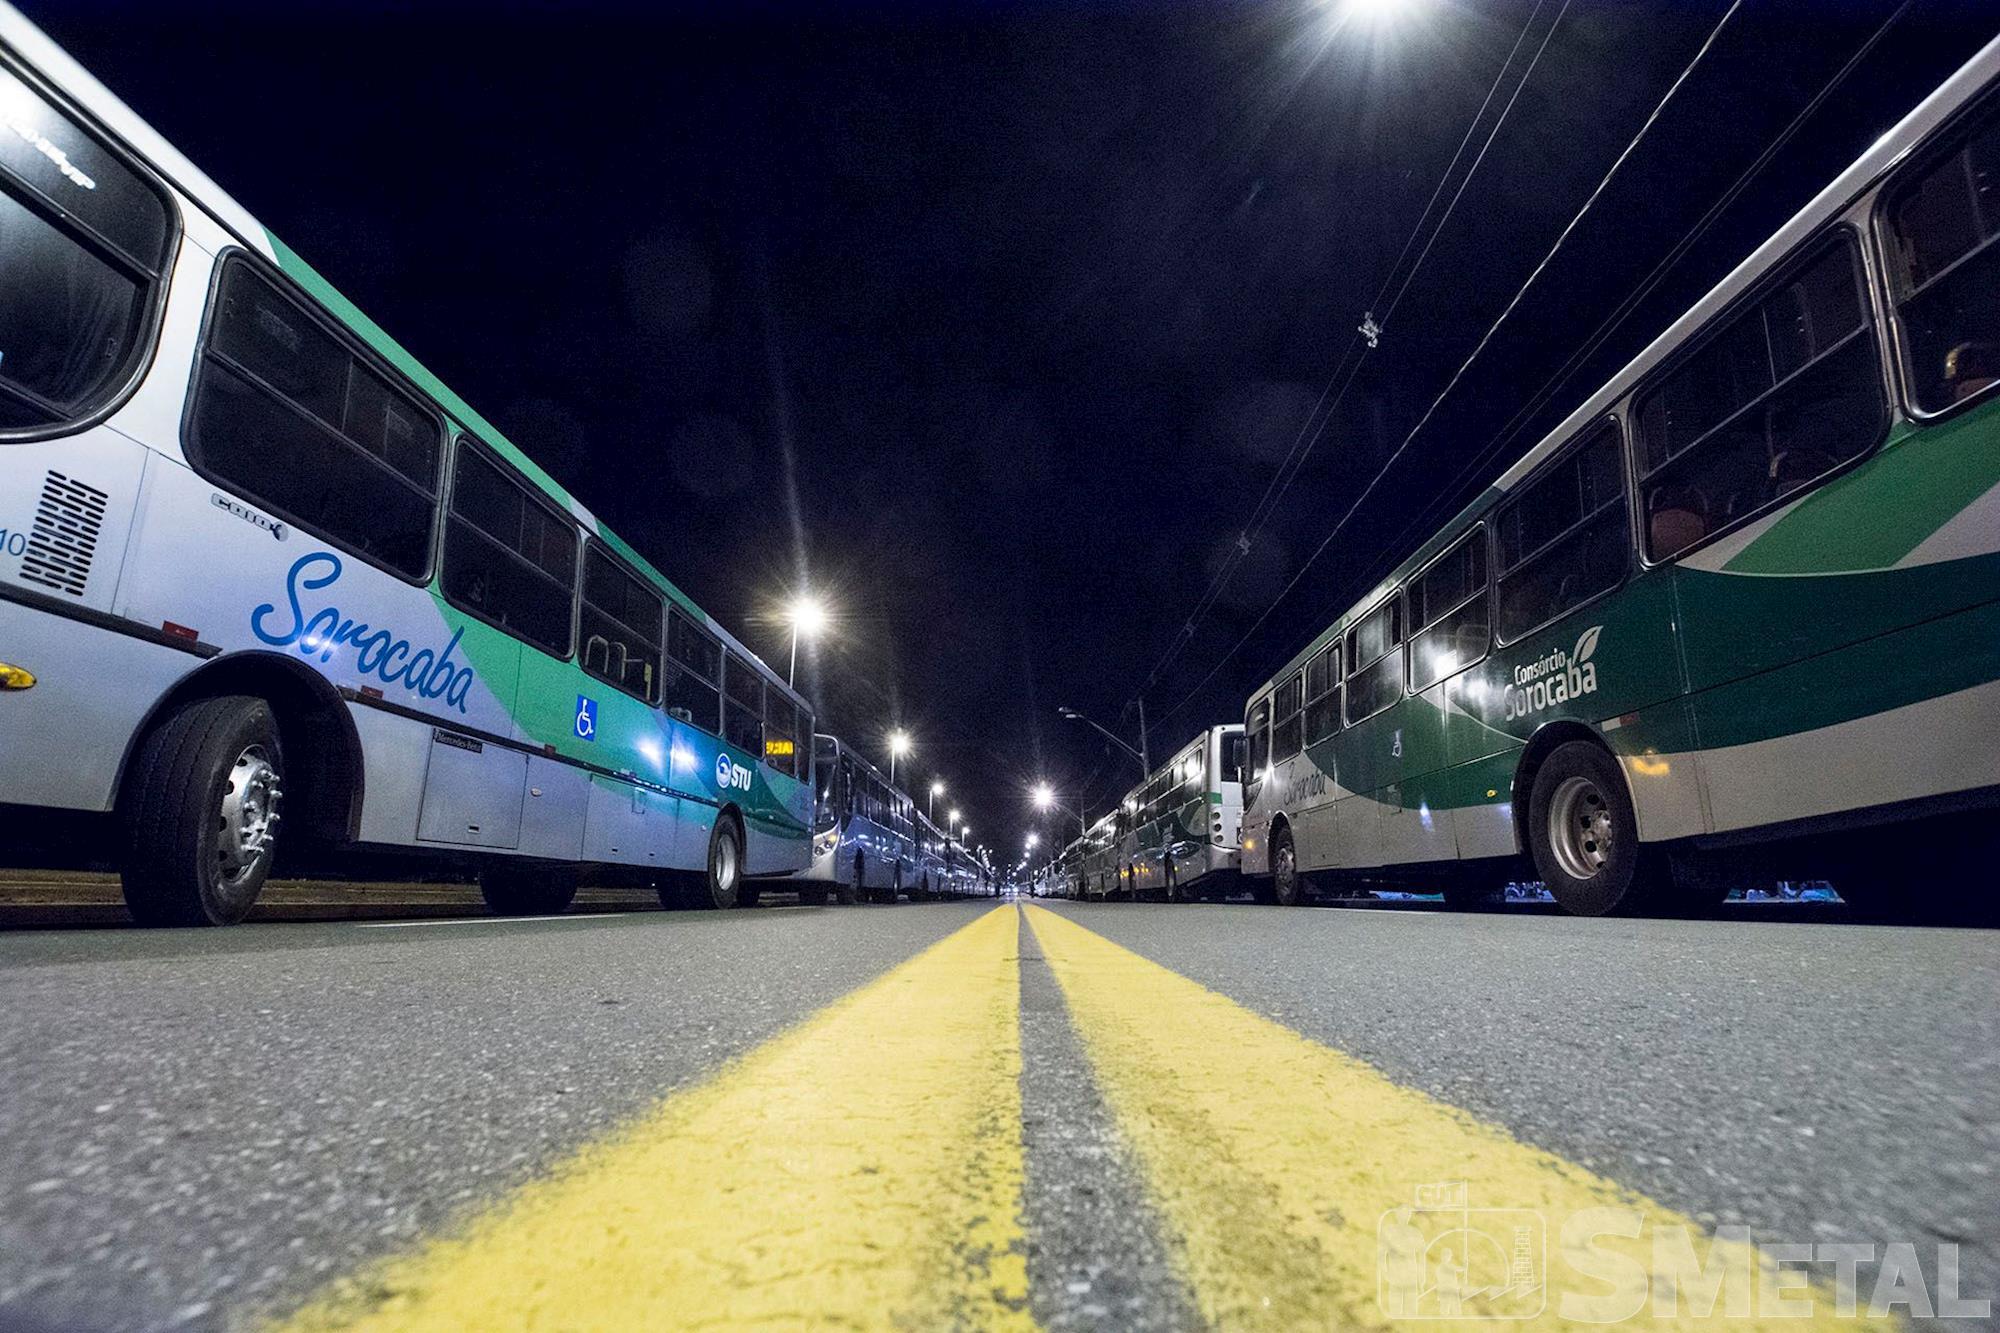 motorista,  sorocaba,  paralisação,  Ônibus, Foguinho/Imprensa SMetal, Ameaça do prefeito Crespo a motoristas causa protesto em Sorocaba